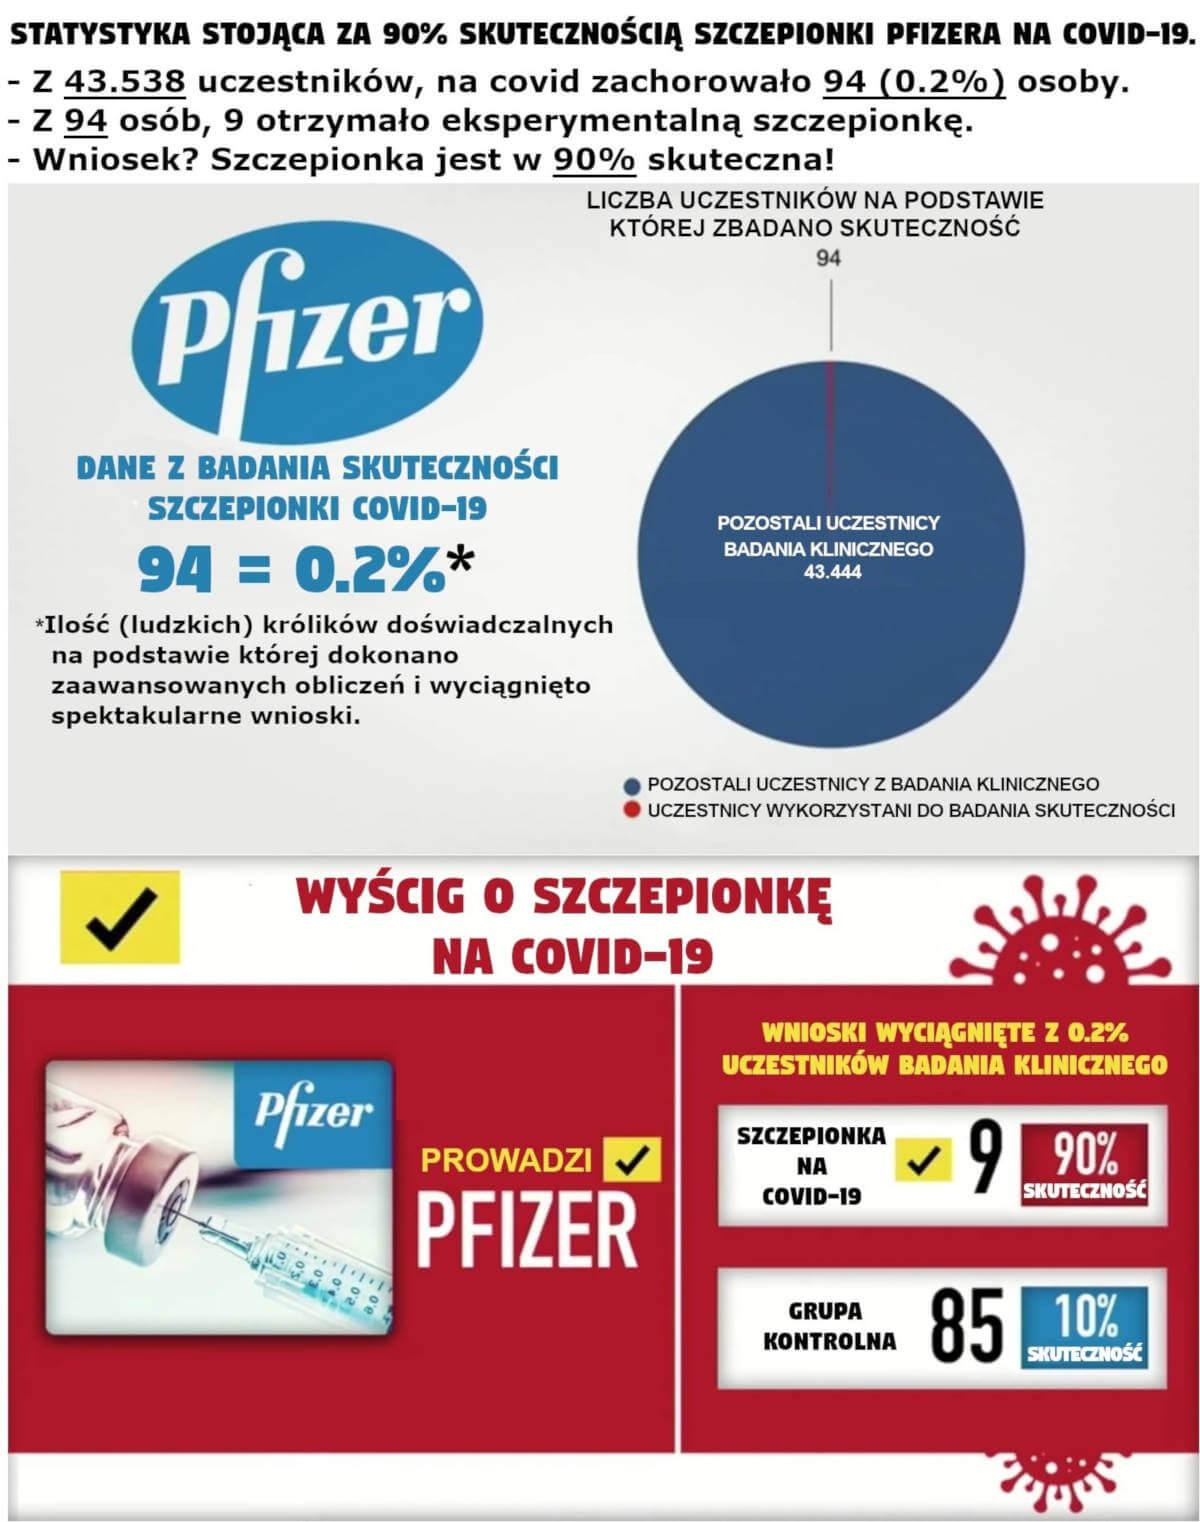 Statystyka stojąca za 90% skutecznością szczepionki Pfizera na COVID-19.